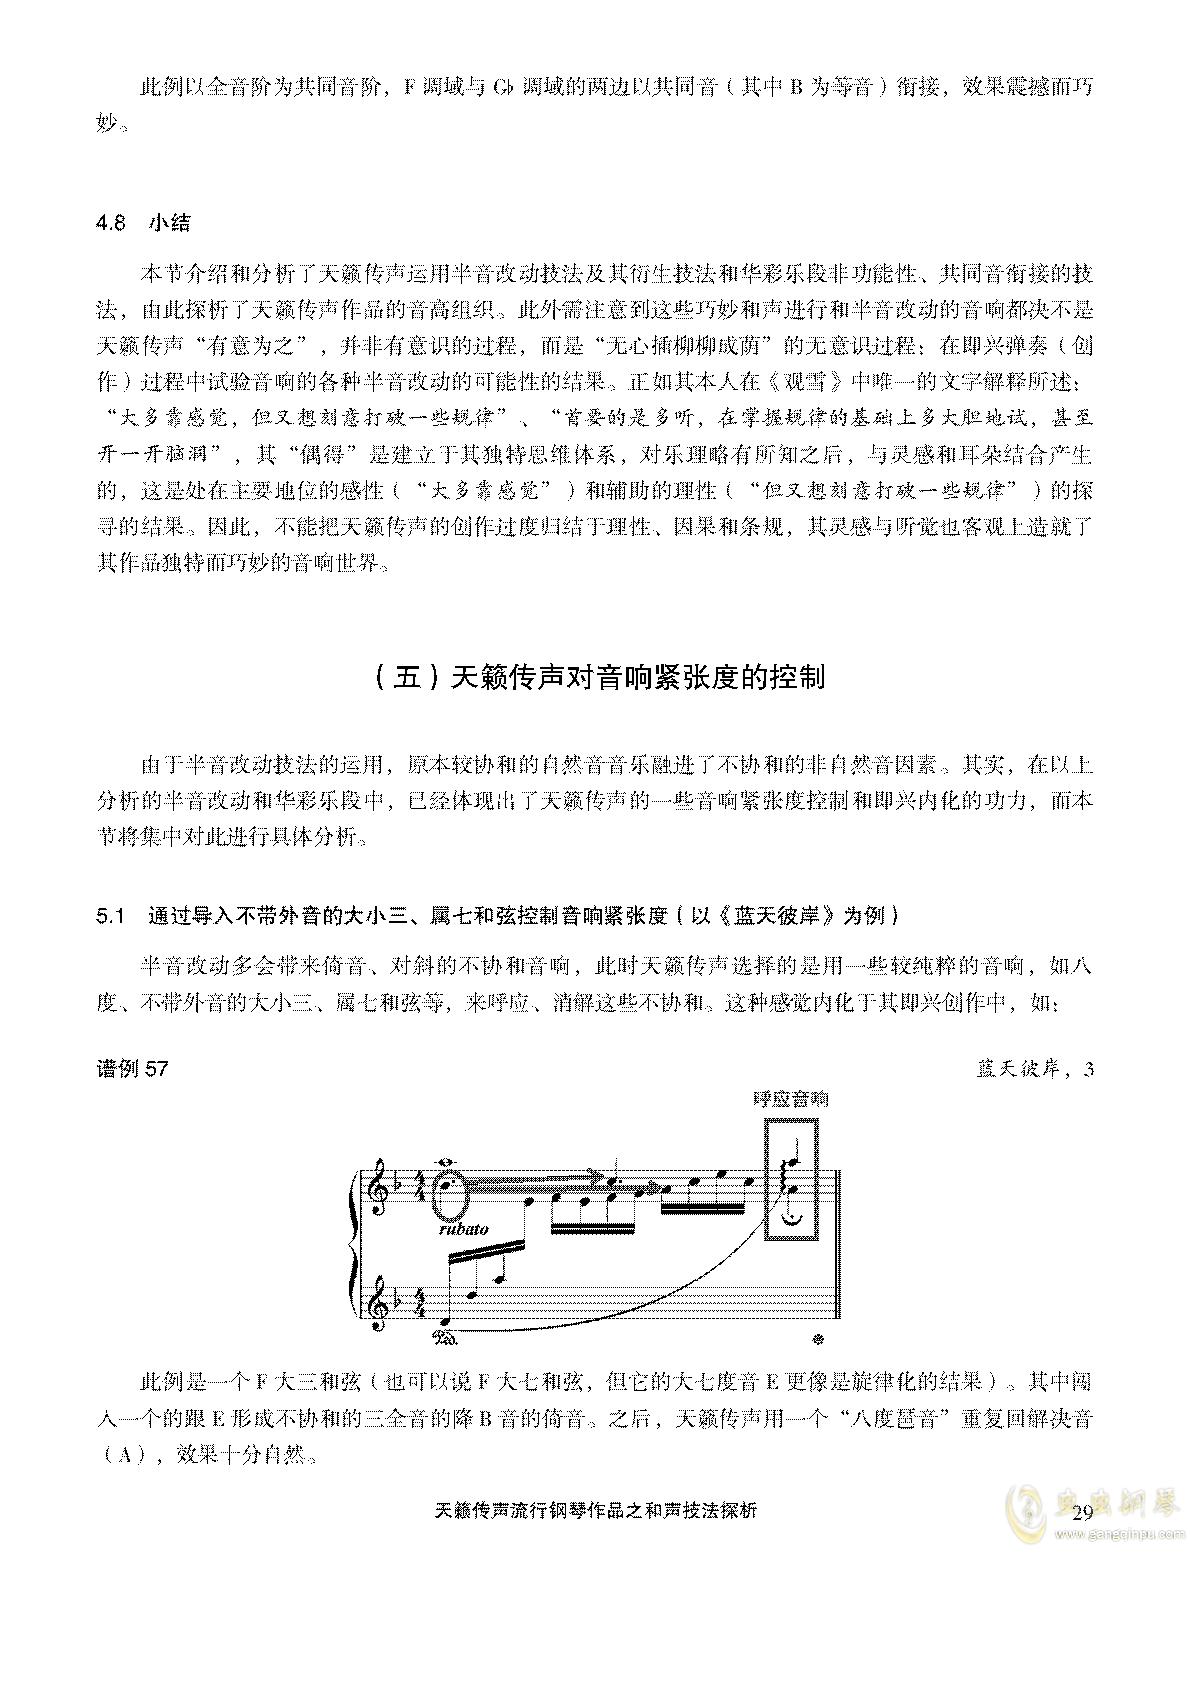 天籁传声和声技法探析钢琴谱 第29页